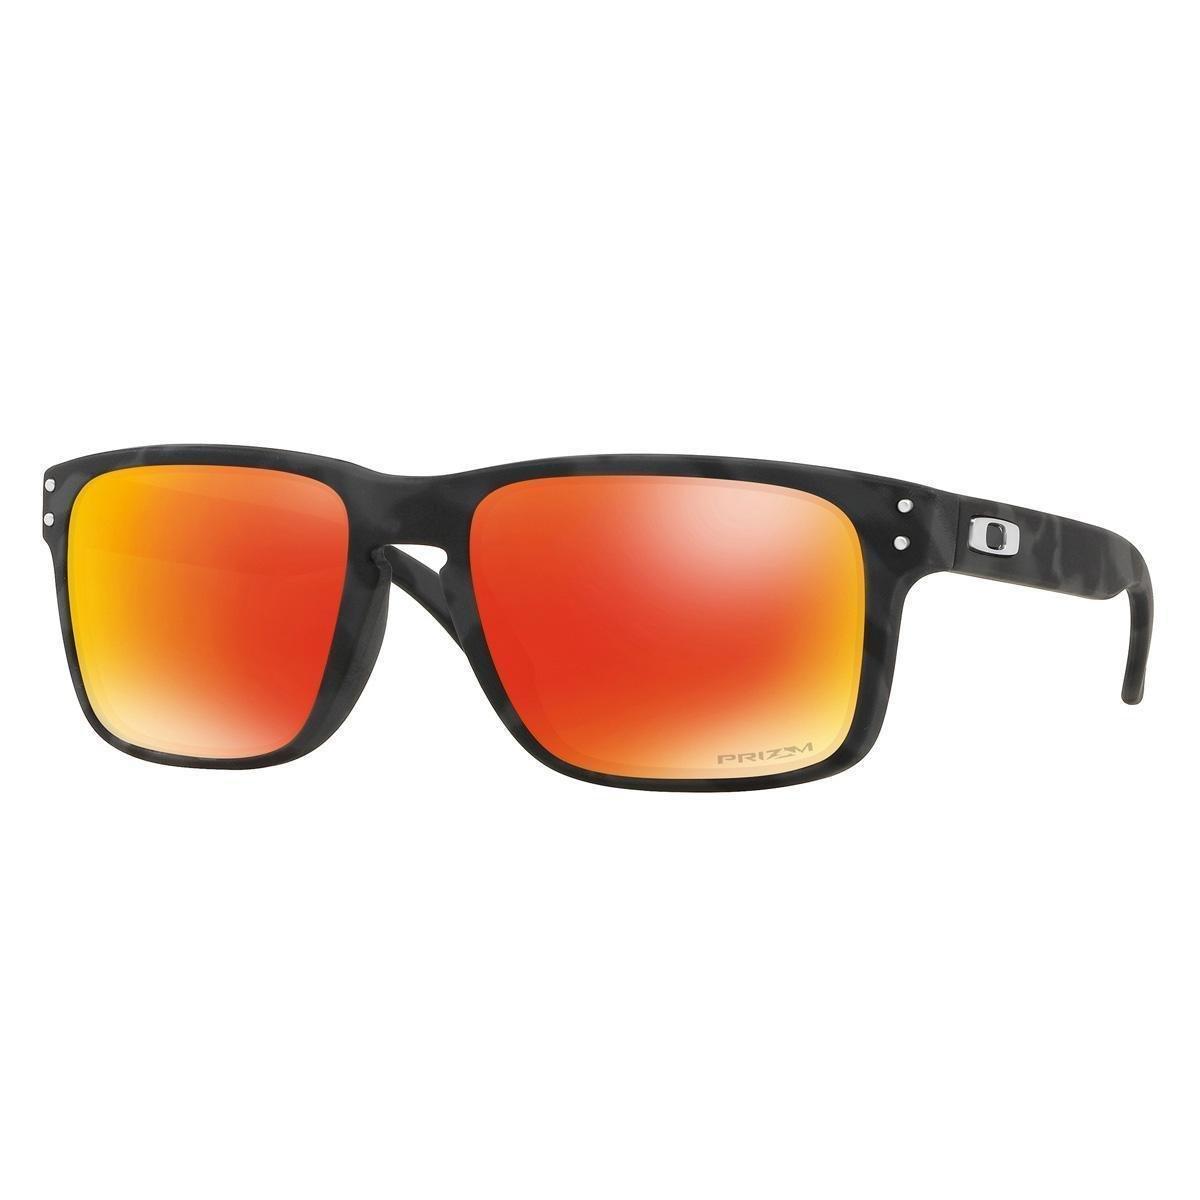 7176ab113a05c Óculos Oakley Holbrook Black Camo  Lente Prizm Ruby - Vermelho ...